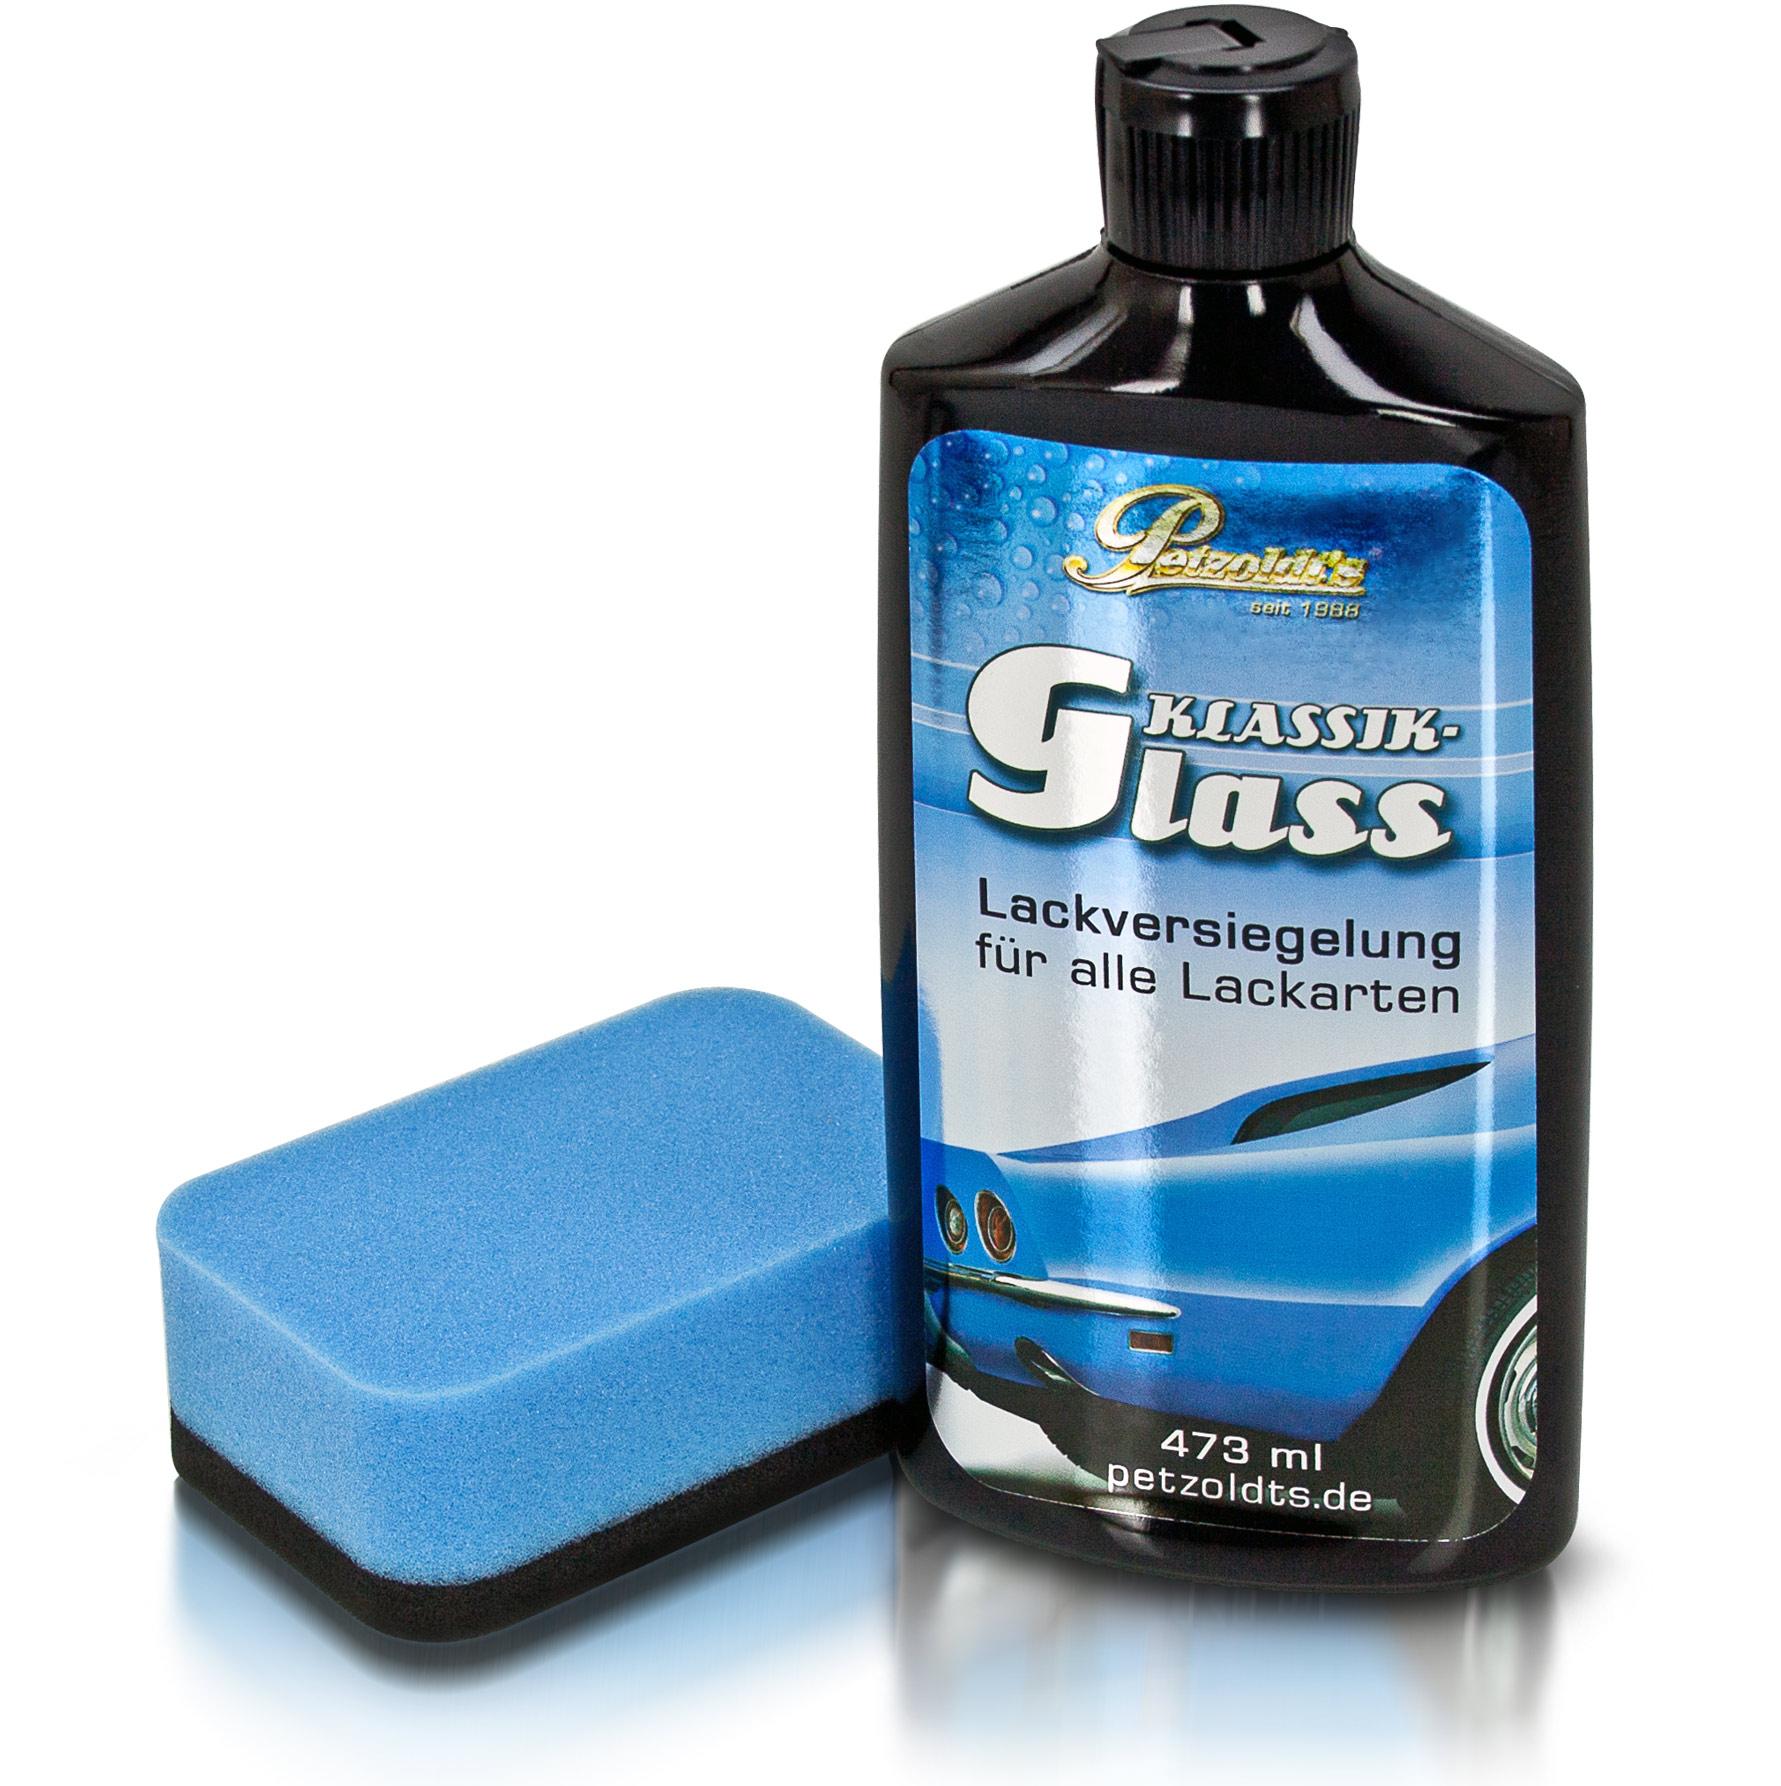 Petzoldt's: Klassik-Glass ist das neue Liquid Glass